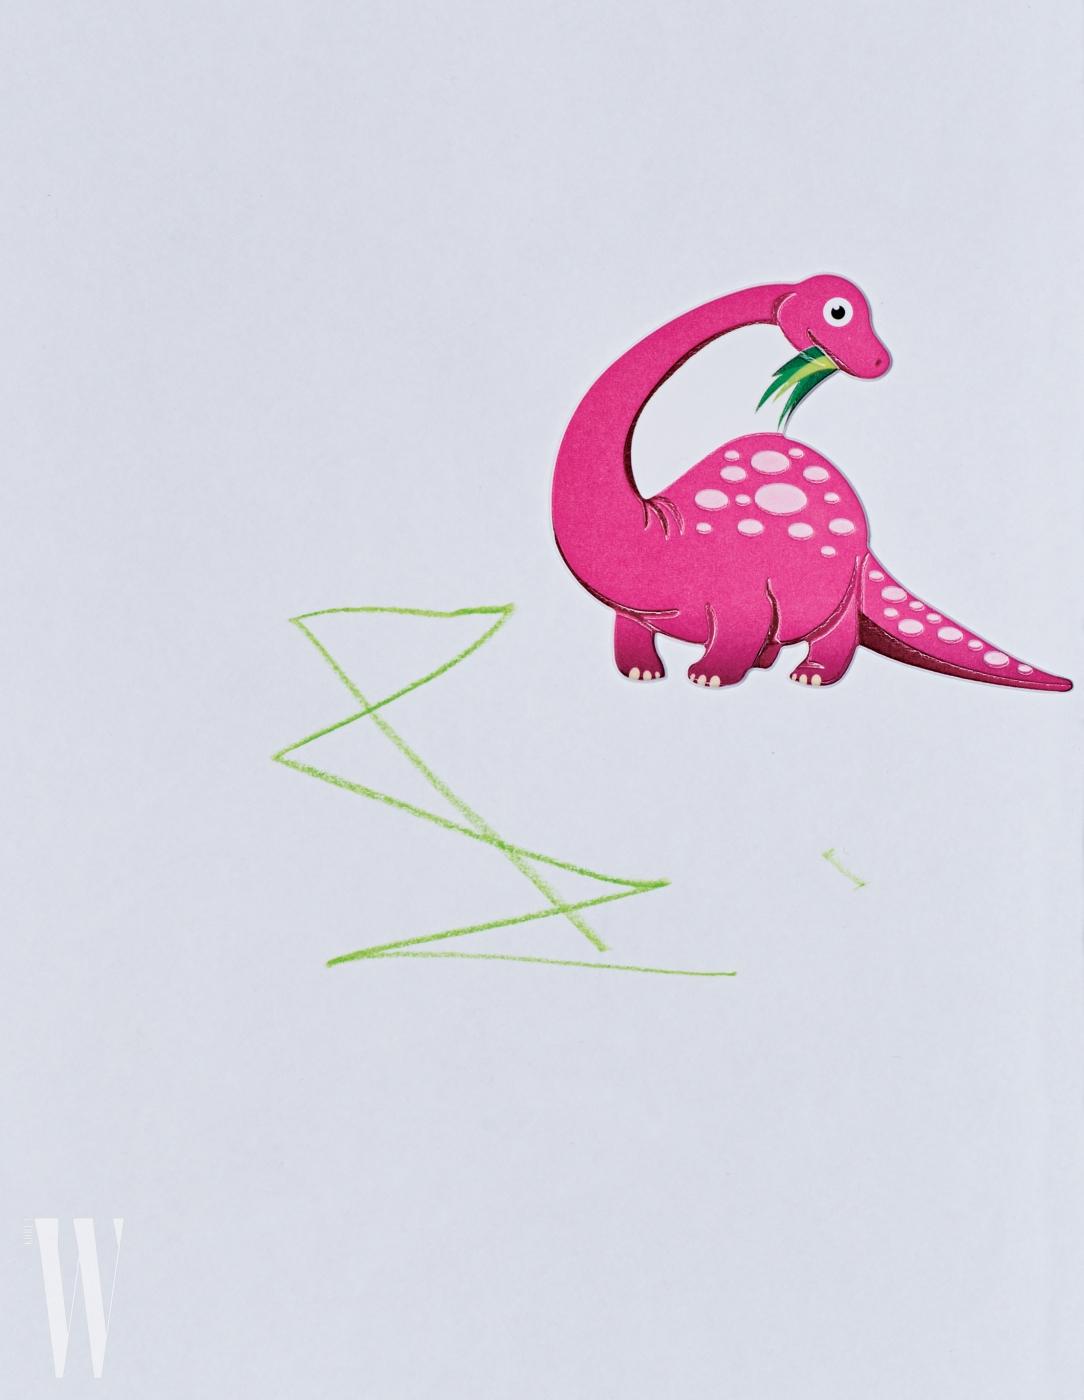 김나영의 아들 최신우(2세) 군이 그린 그림. 엄마가 붙여준 핑크색 공룡 스티커와 어우러지는 추상적인 선을 그려 넣었다.